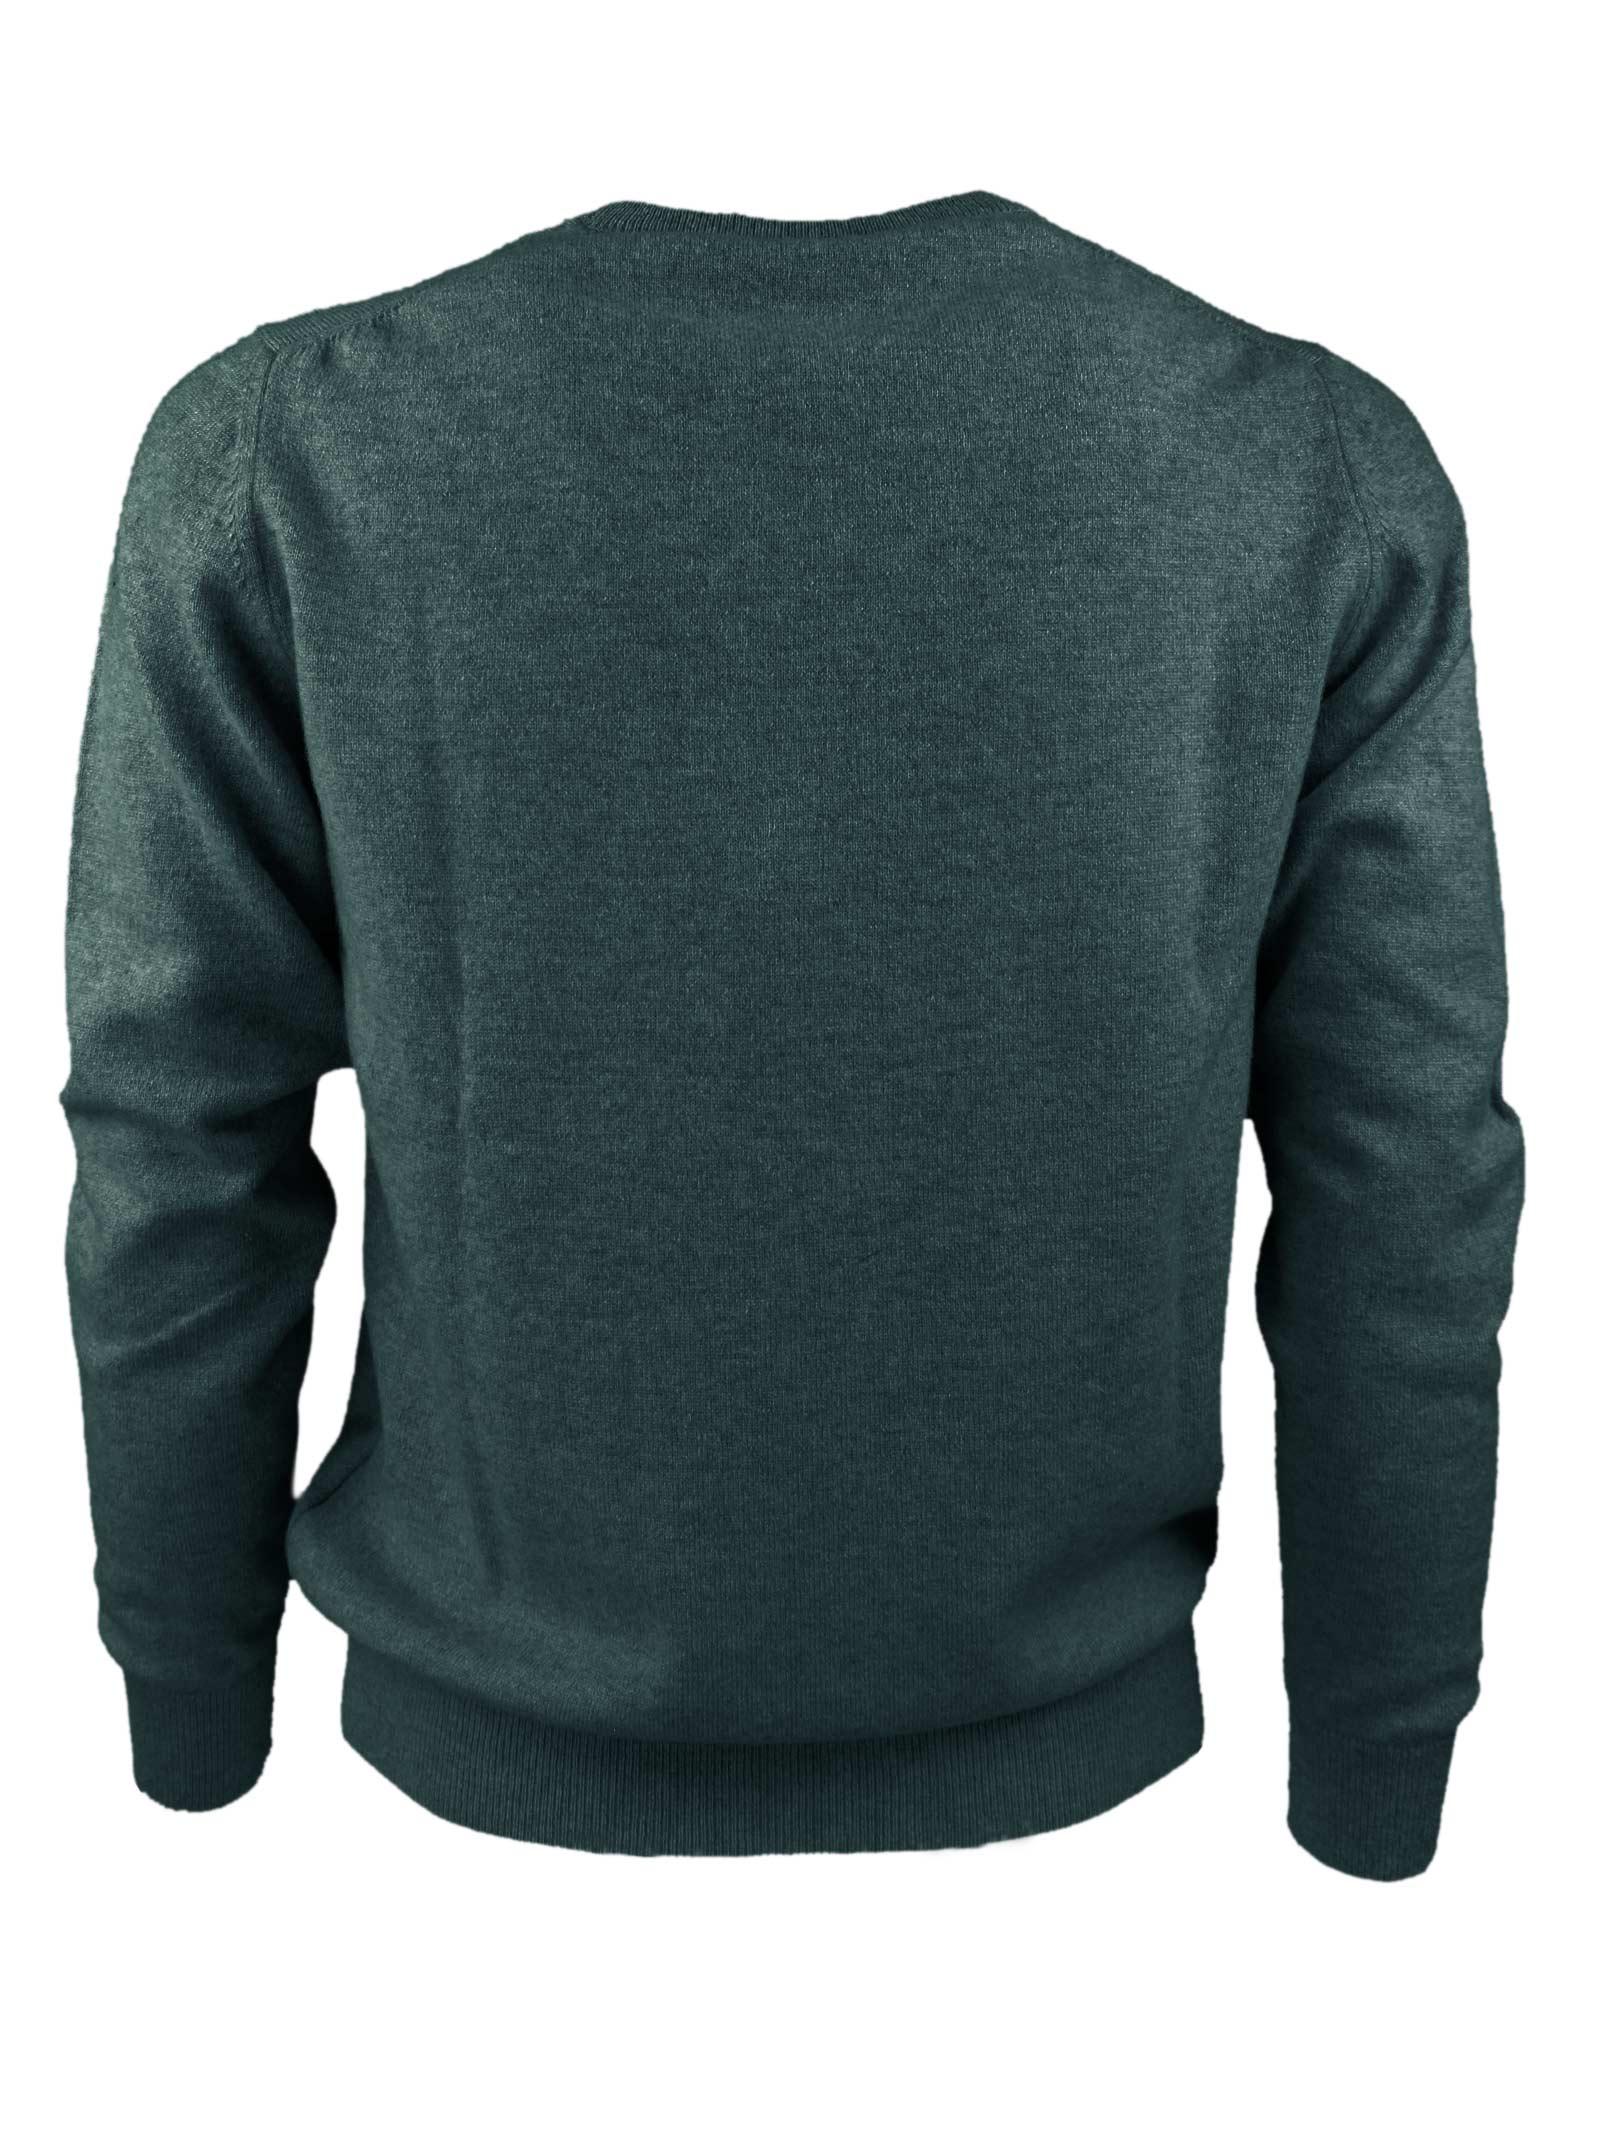 Pullover girocollo in cashmere 100%  due fili H953   Maglieria   299725